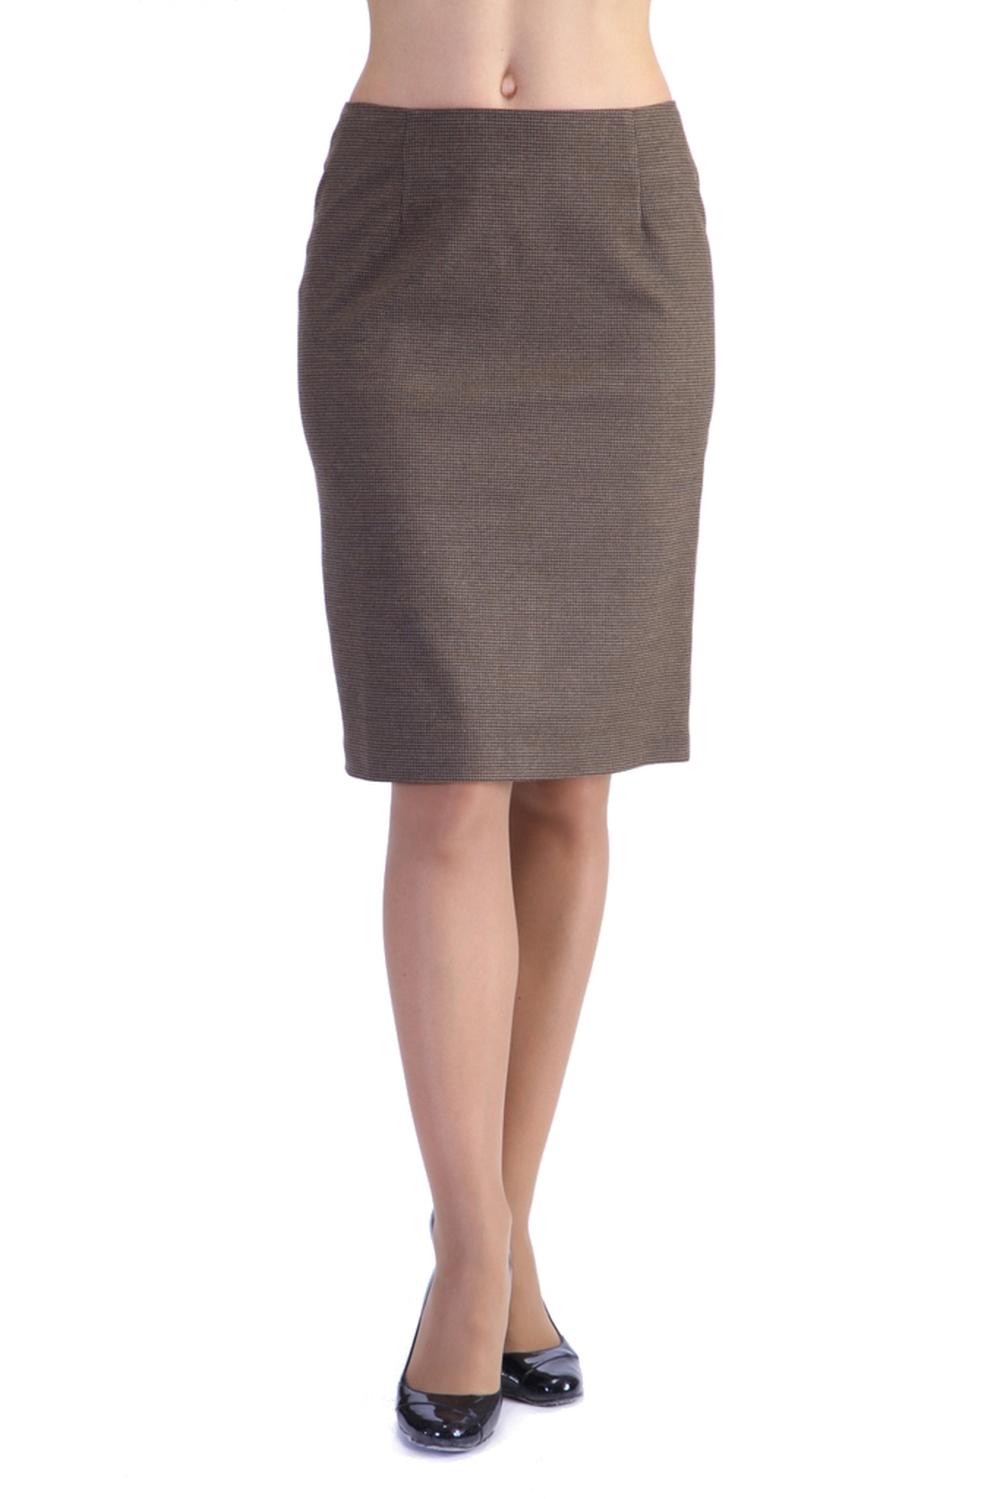 ЮбкаЮбки<br>Классическая женская юбка-карандаш для весенне-летнего сезона со шлицей сзади. Длина - чуть выше колена.  Цвет: бежевый  Ростовка изделия 170 см.<br><br>По длине: До колена<br>По материалу: Вискоза,Тканевые<br>По рисунку: Цветные<br>По стилю: Офисный стиль,Повседневный стиль<br>По форме: Юбка-карандаш<br>По элементам: С разрезом<br>Разрез: Короткий<br>По сезону: Осень,Весна<br>По силуэту: Полуприталенные,Прямые<br>Размер : 50,52<br>Материал: Костюмная ткань<br>Количество в наличии: 3